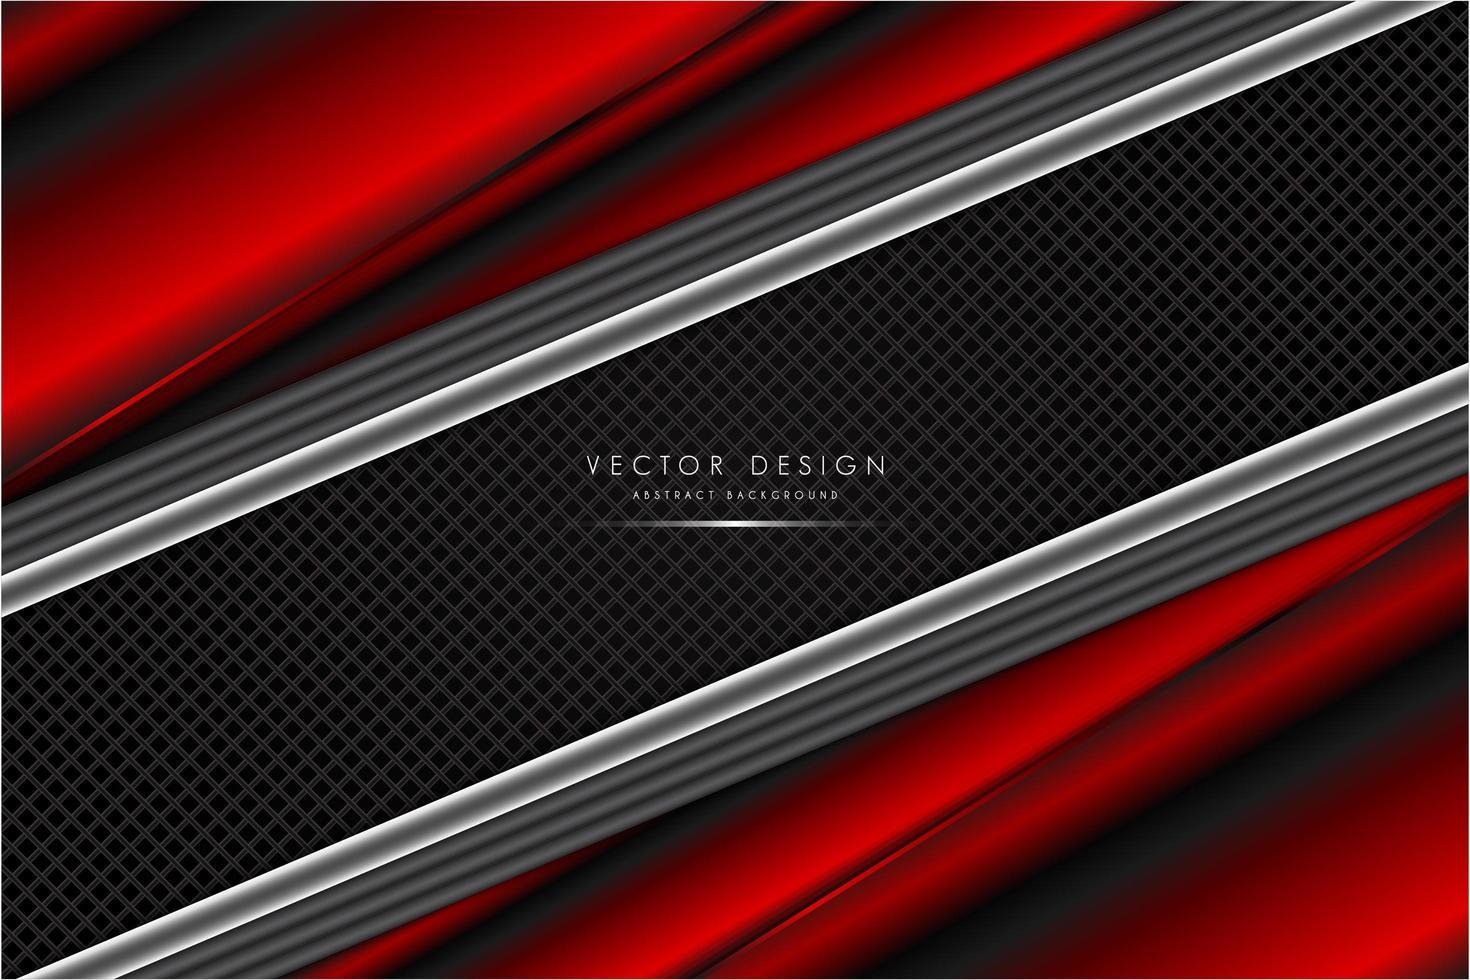 roter und silberner metallischer Hintergrund mit Kohlefaser vektor